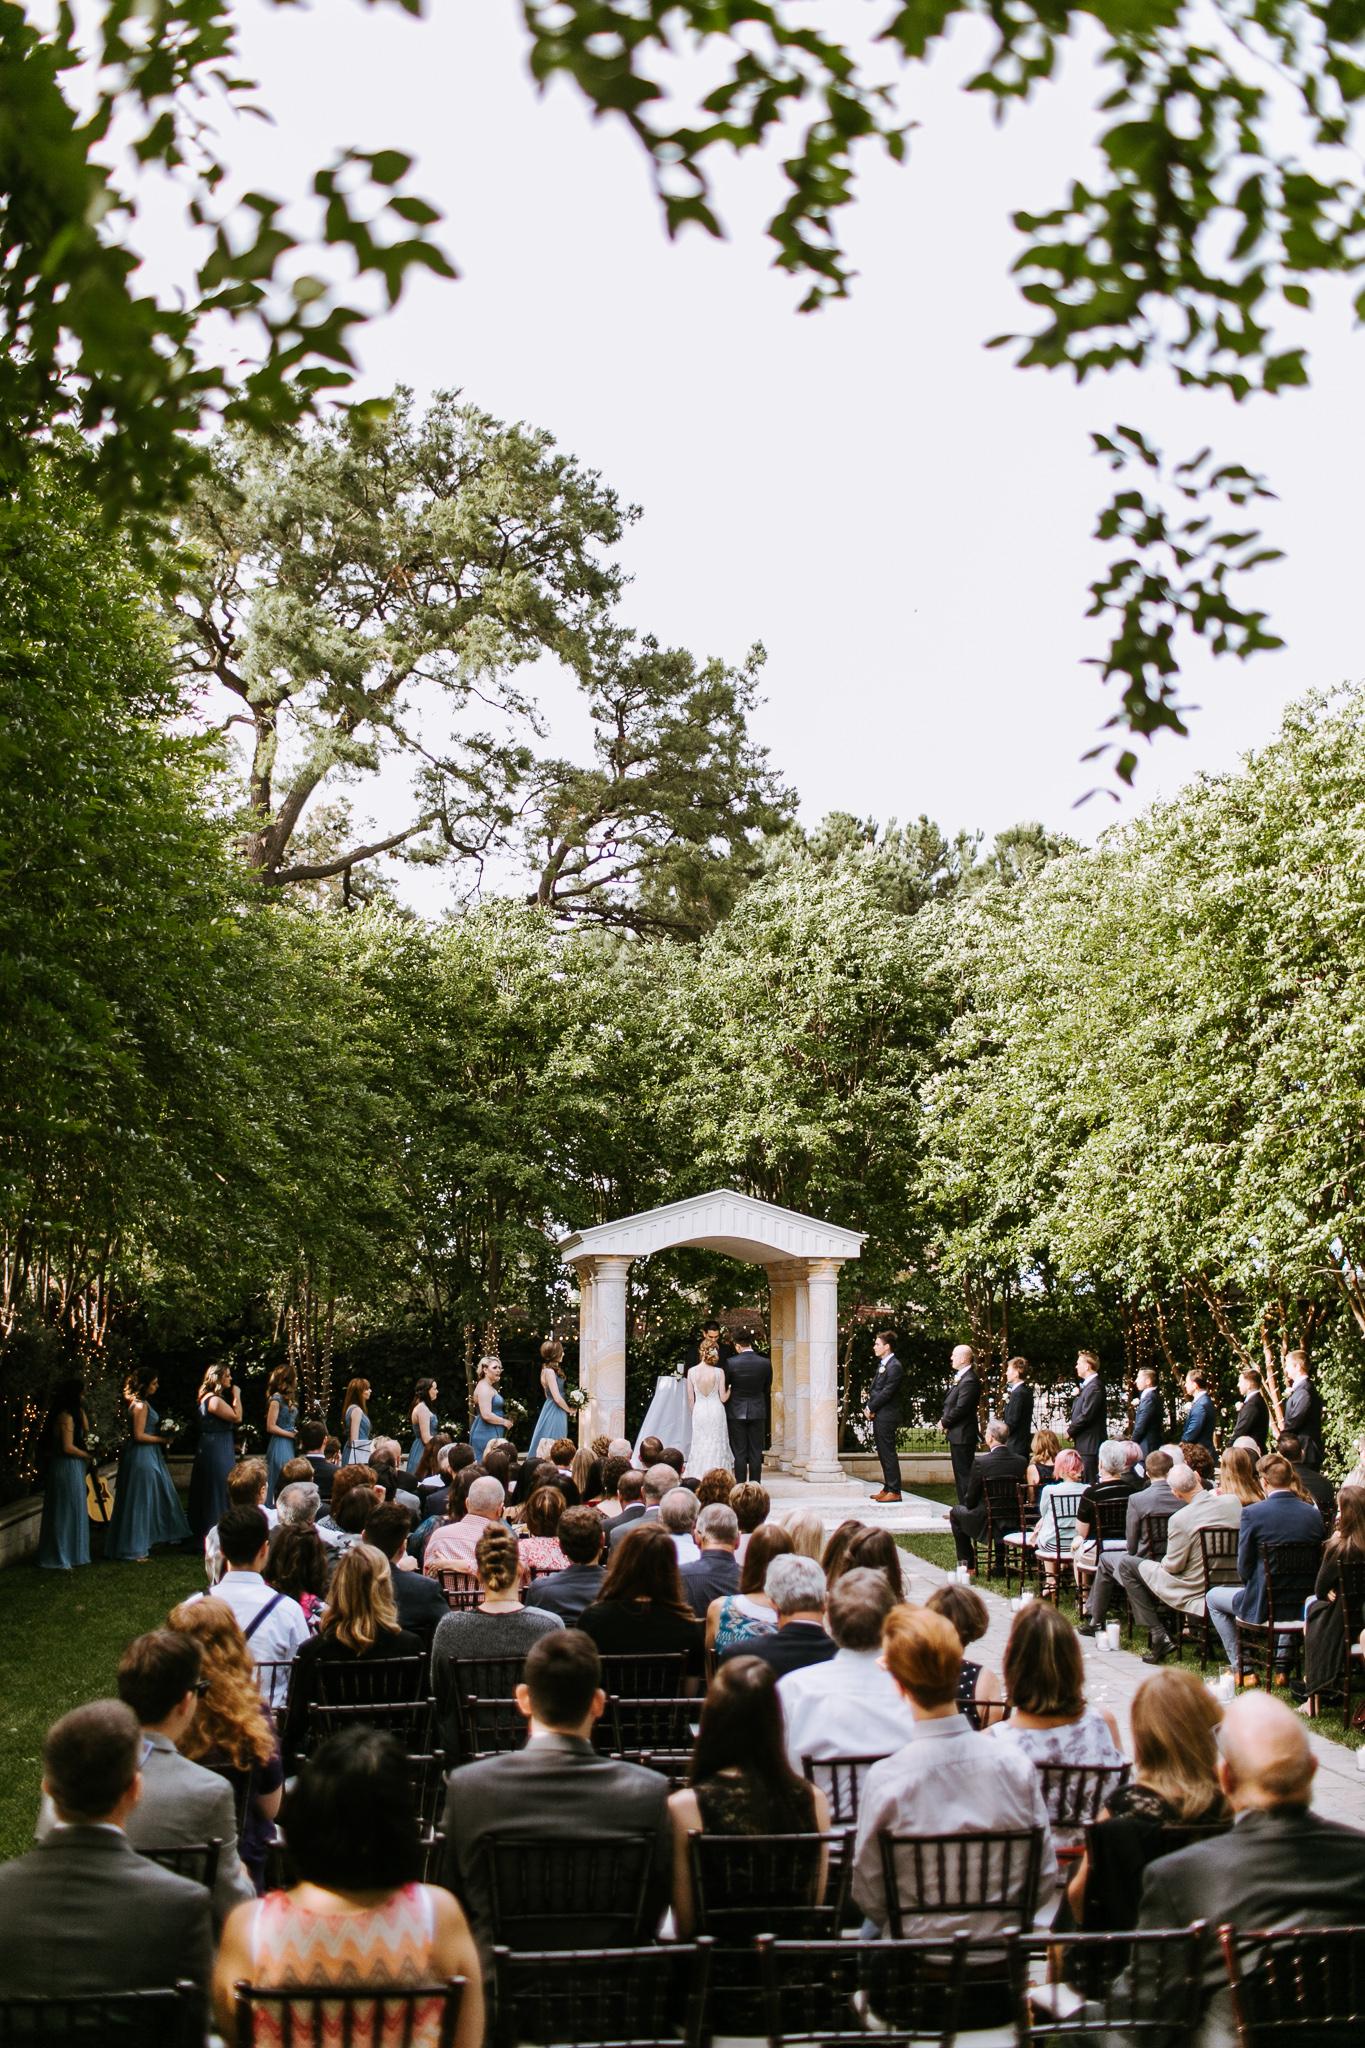 BayArea-Wedding-Photographer-41.jpg